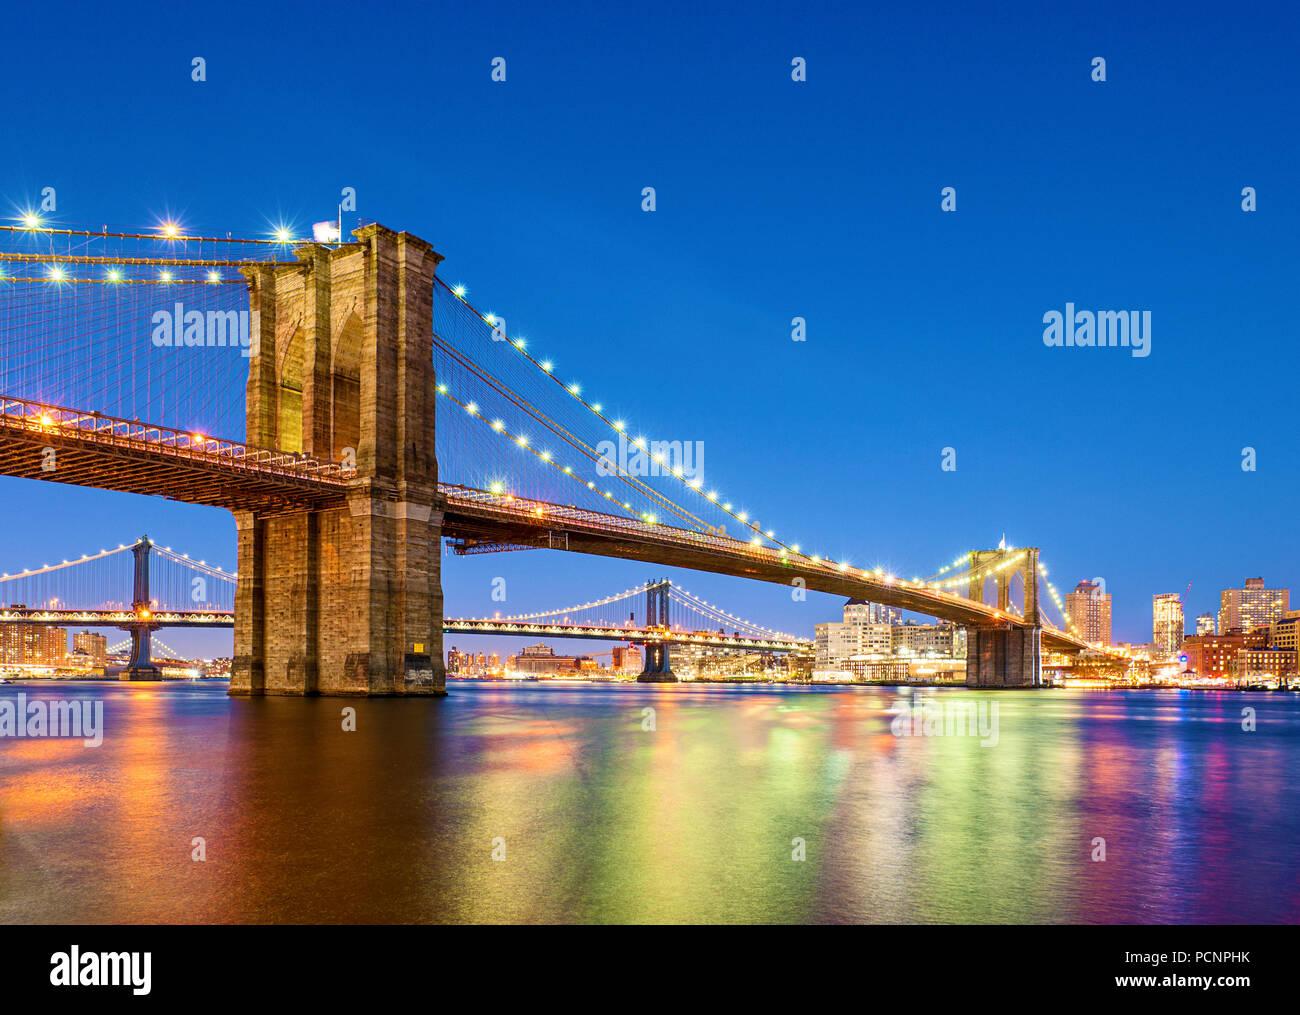 Puente de Brooklyn Nueva York atardecer Imagen De Stock